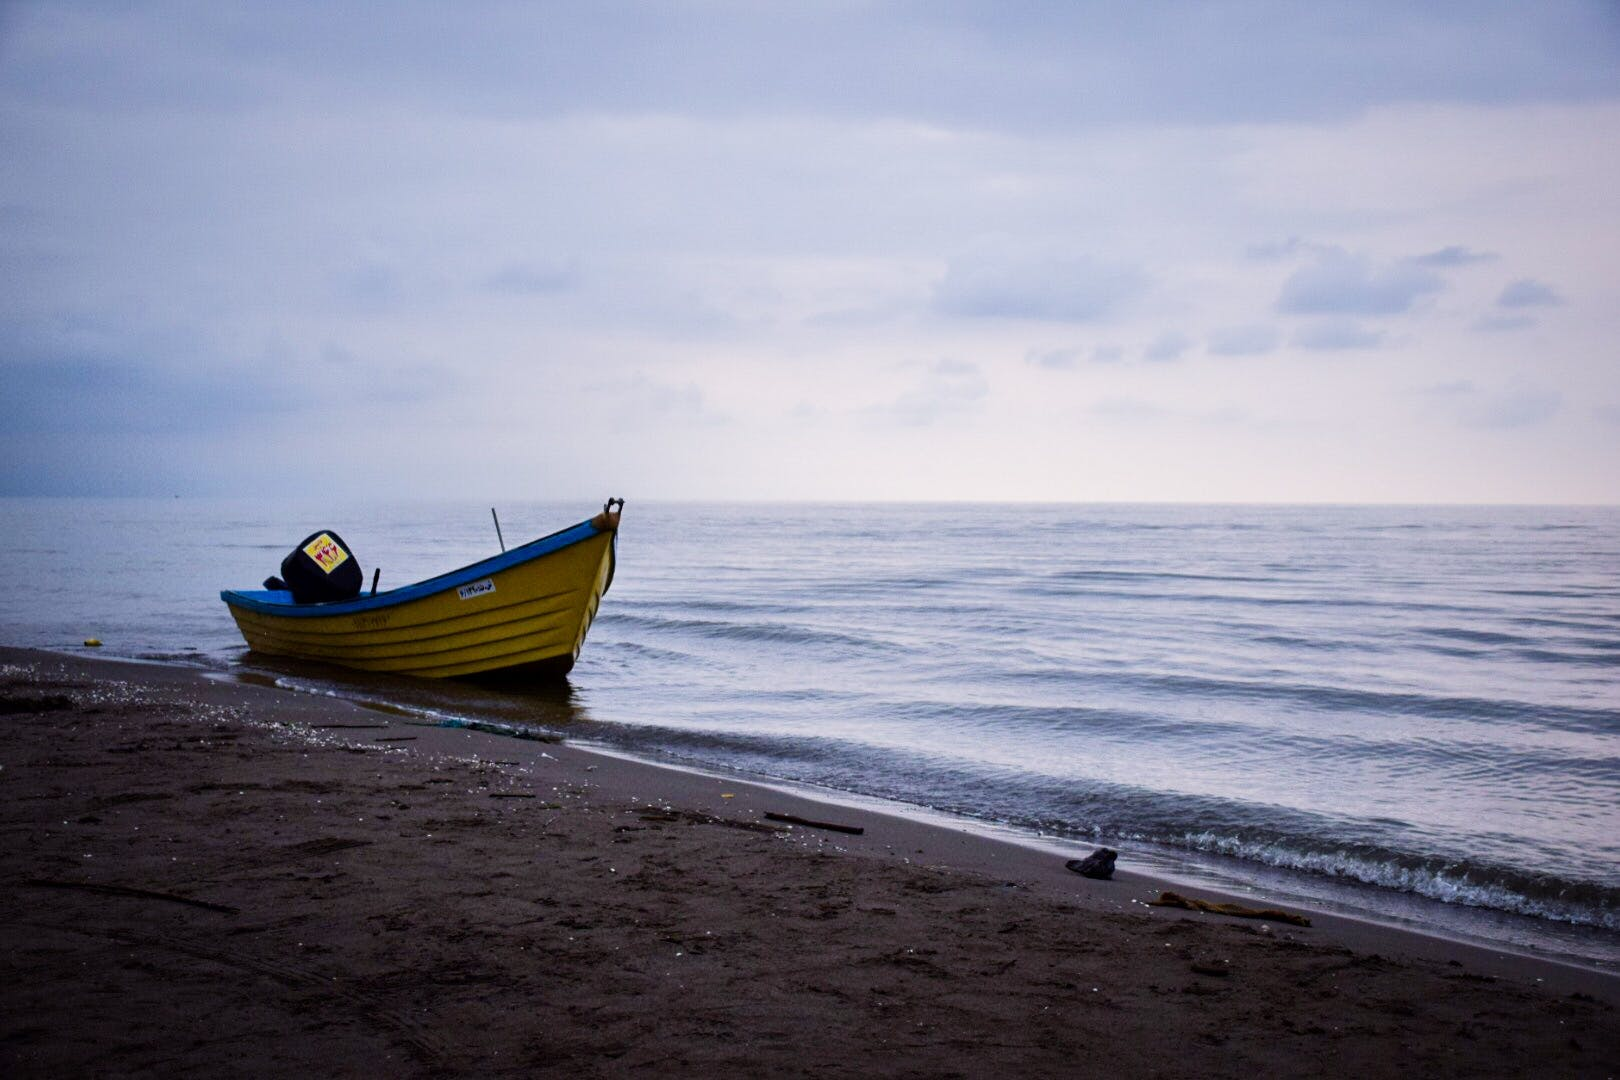 bulutlar, dalgalar, deniz, deniz aracı içeren Ücretsiz stok fotoğraf